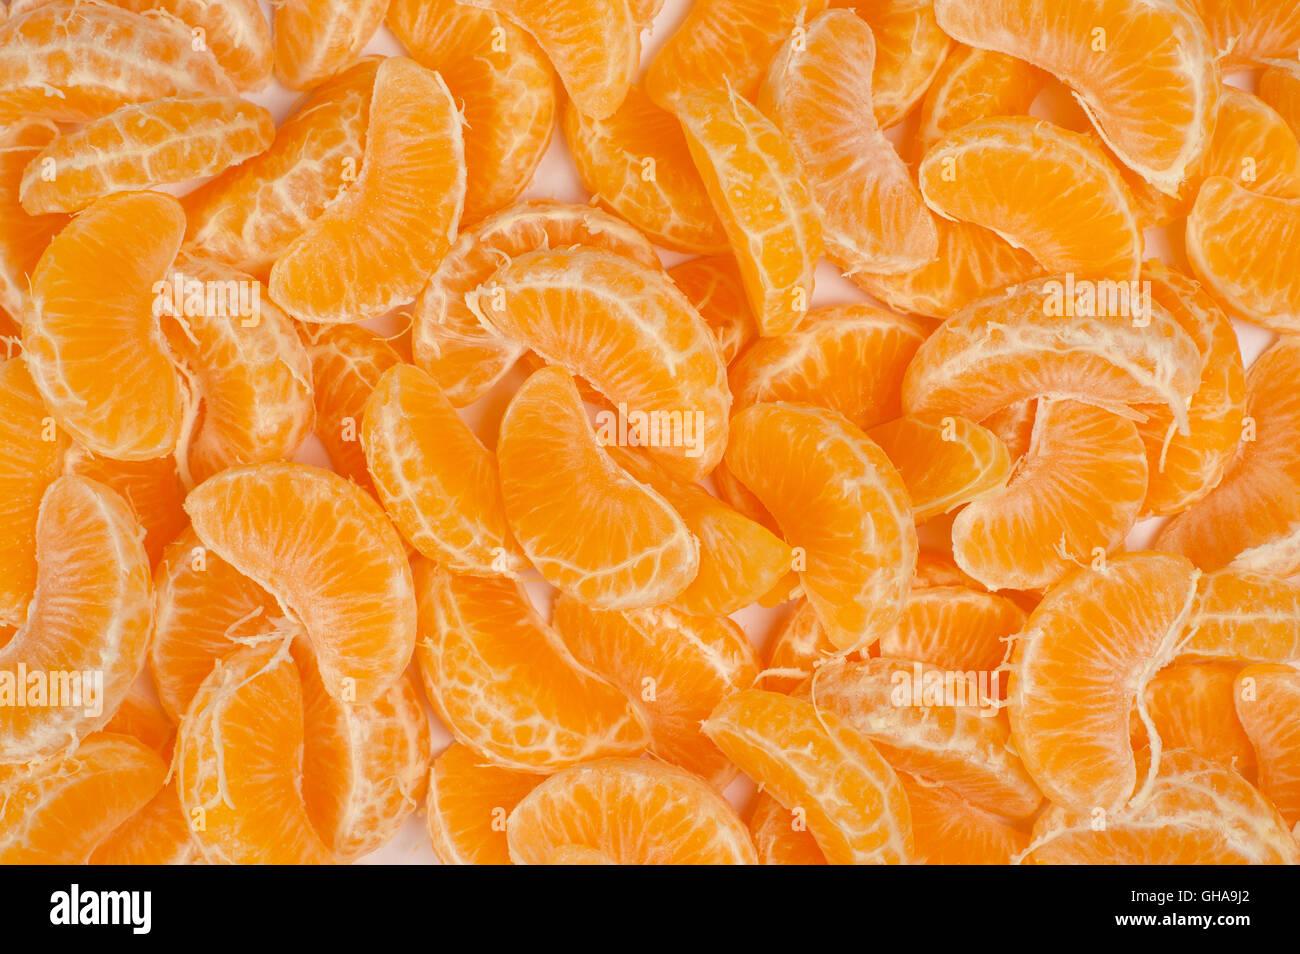 Fondos de frutas - Mandarín Imagen De Stock